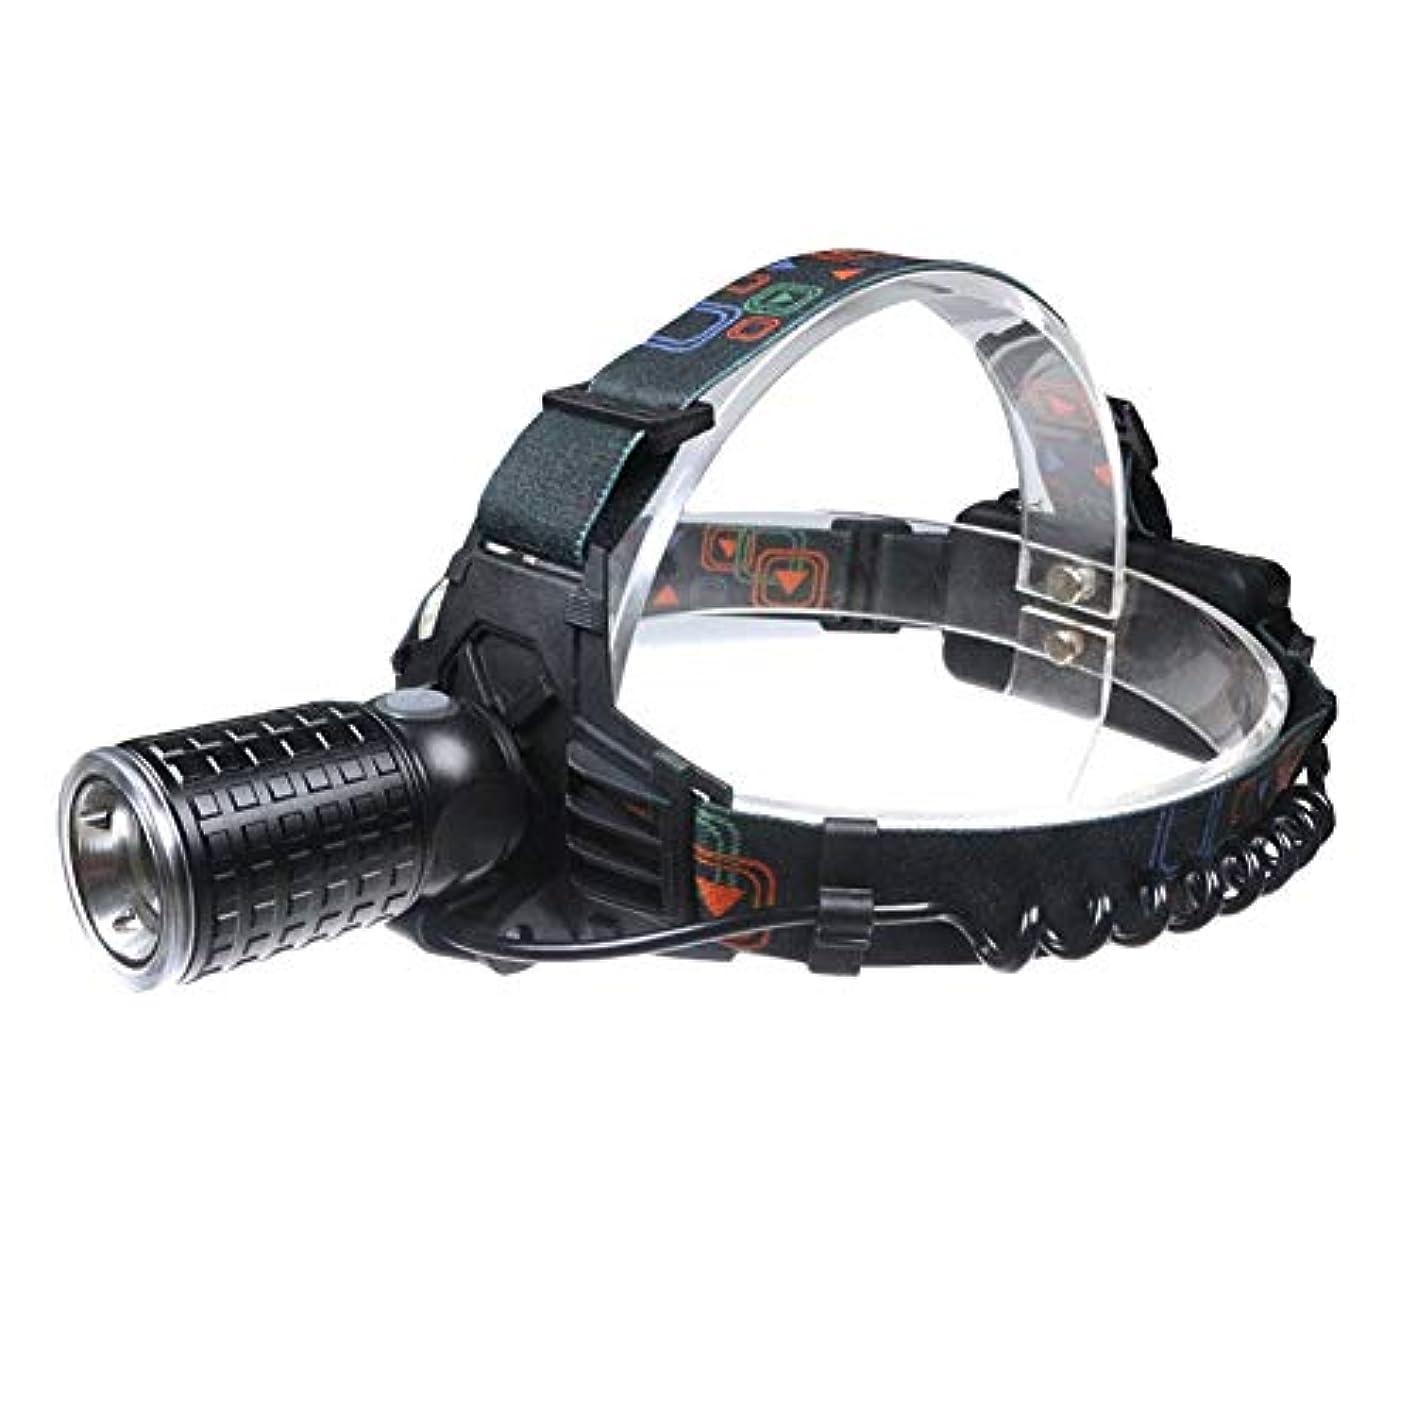 塊把握制限T6 + 12LED調整可能ヘッドライト回転フォーカススーパーブライトフィッシングライトパトロールライトライフ防水ウォーキング、キャンプ、読書、ハイキング